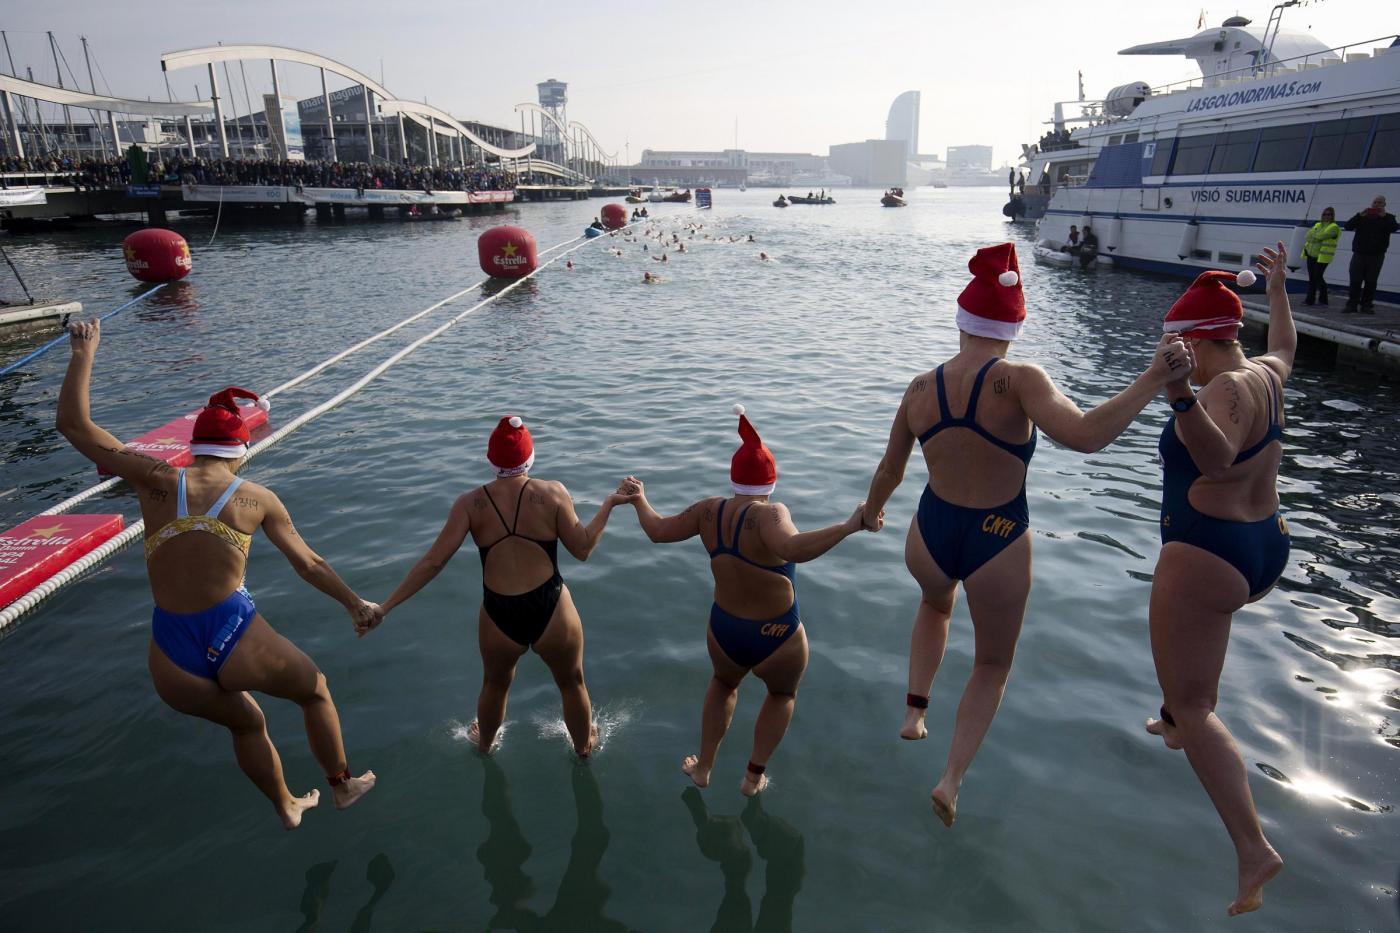 Natale nel mondo, in acqua nel porto di Barcellona per la Nadal Cup